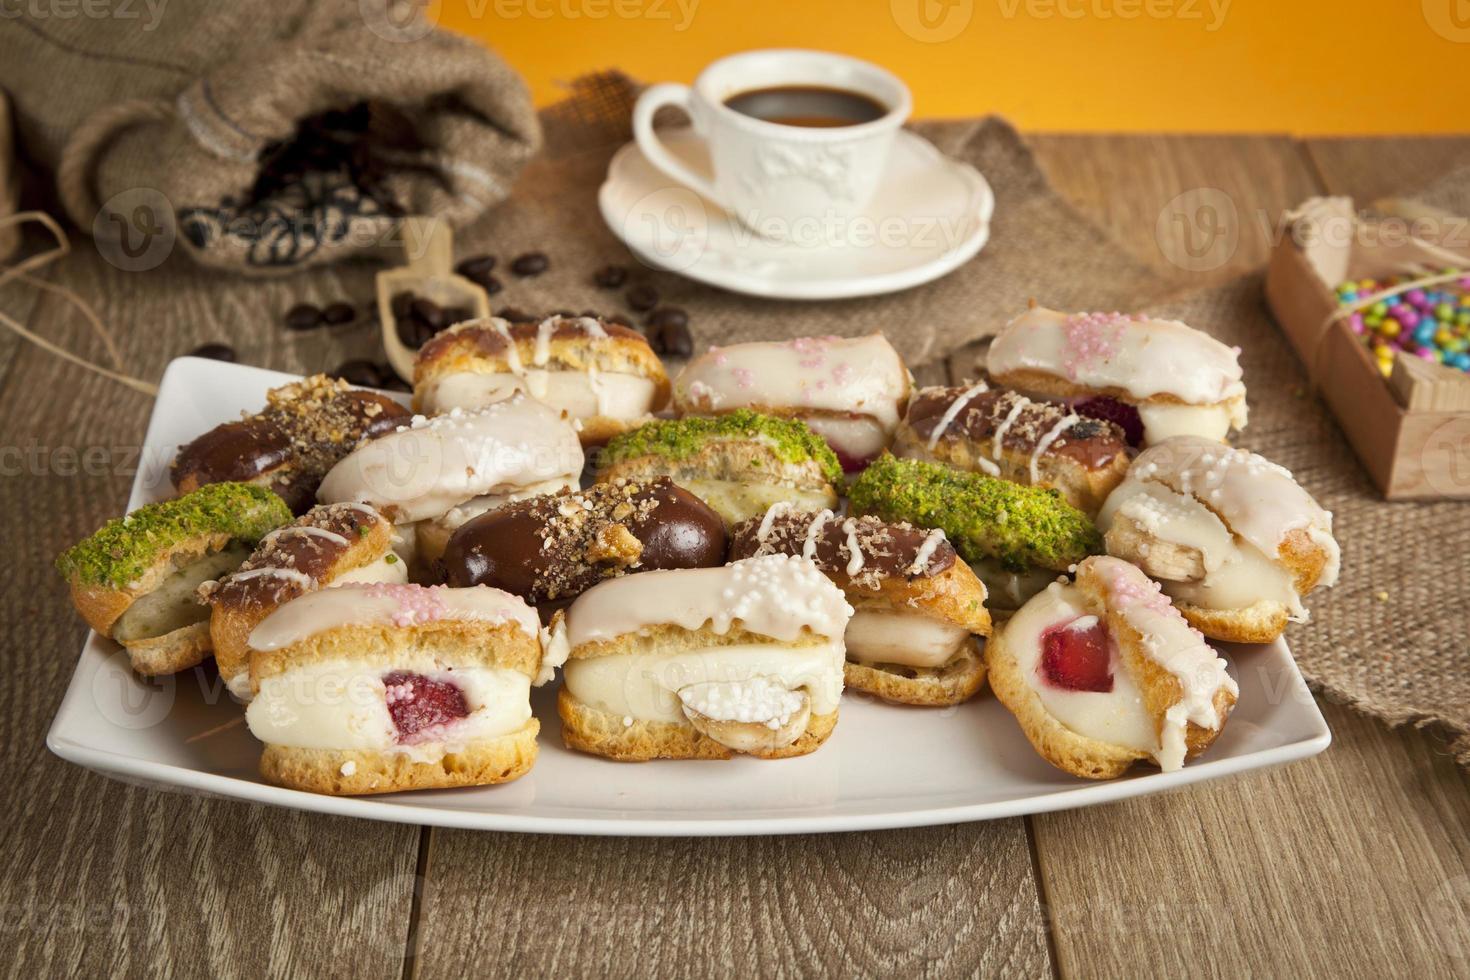 deutsche Dessert Sahne Kuchen Schokolade, Pistazien, Banane, Erdbeere, weiße Schokolade foto